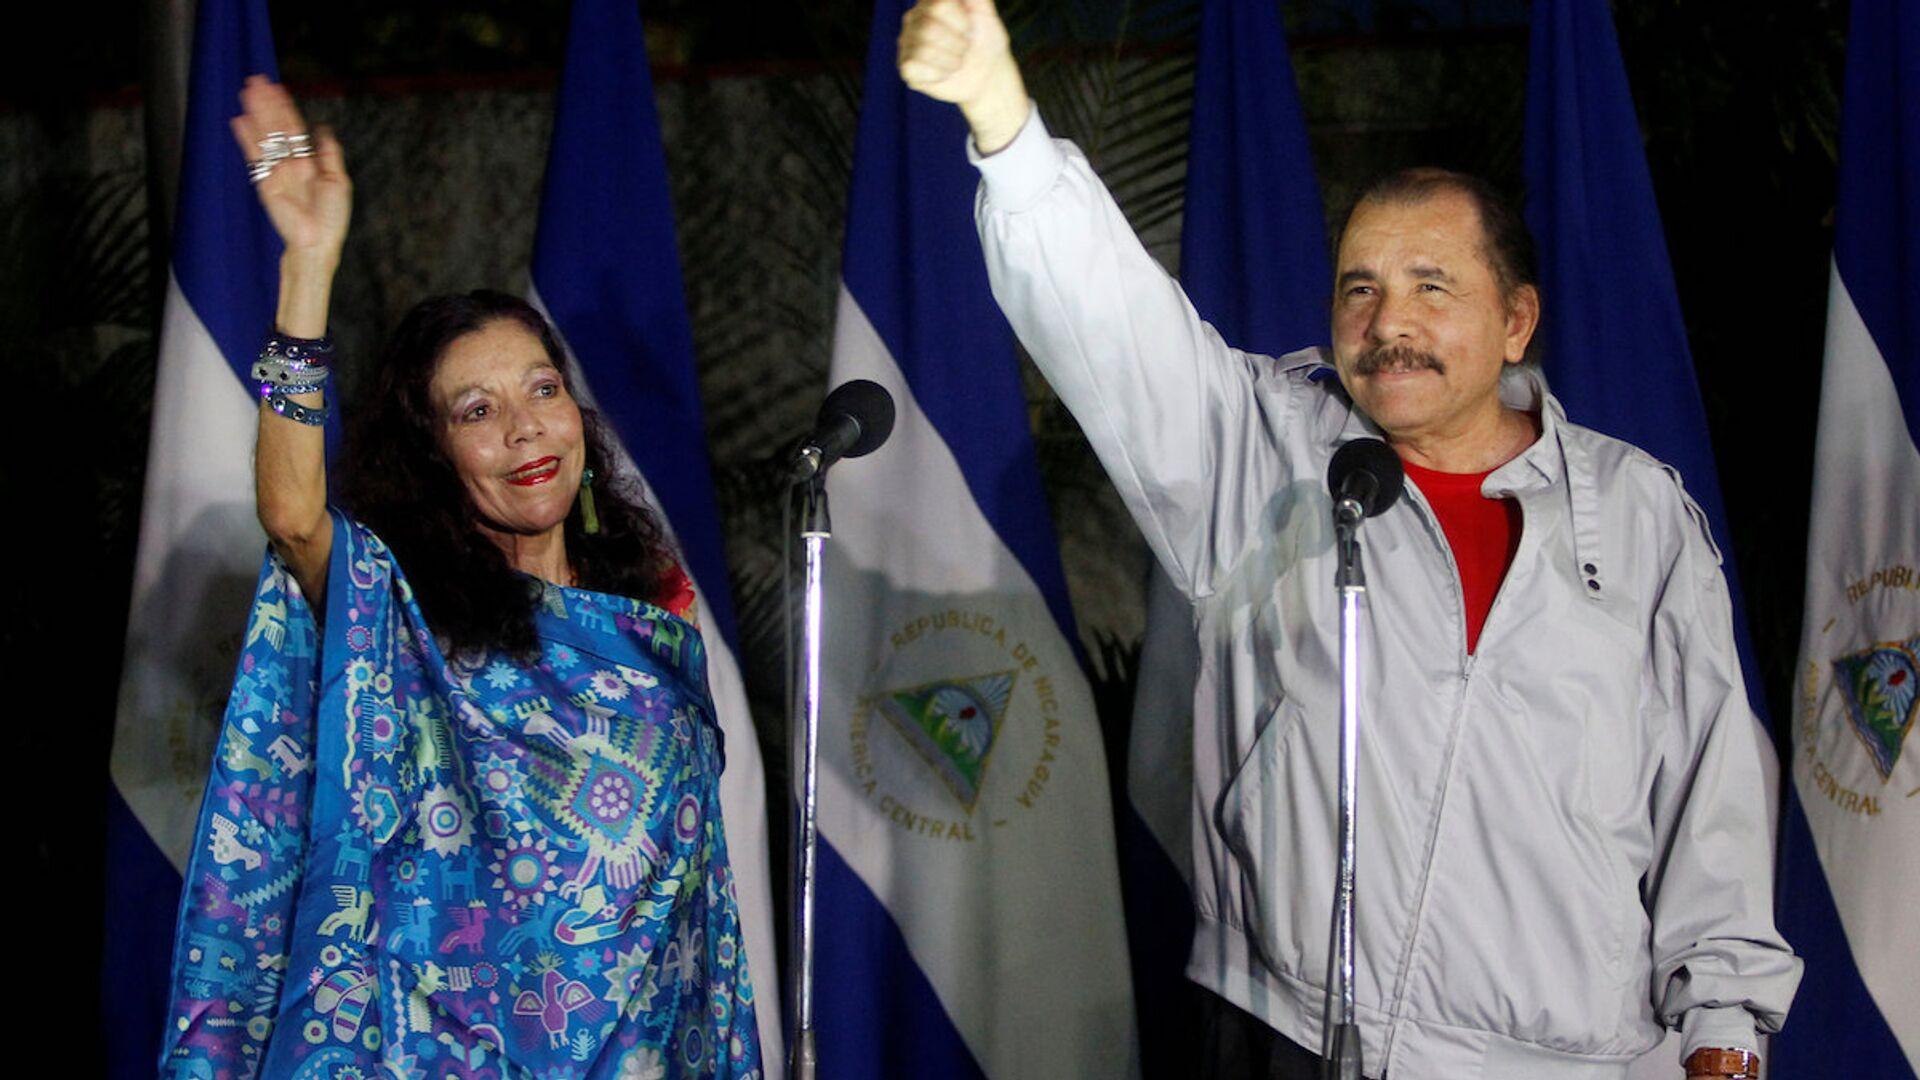 Nikaragua Devlet Başkanı Daniel Ortega ve eşi Rosario Murillo - Sputnik Türkiye, 1920, 22.09.2021